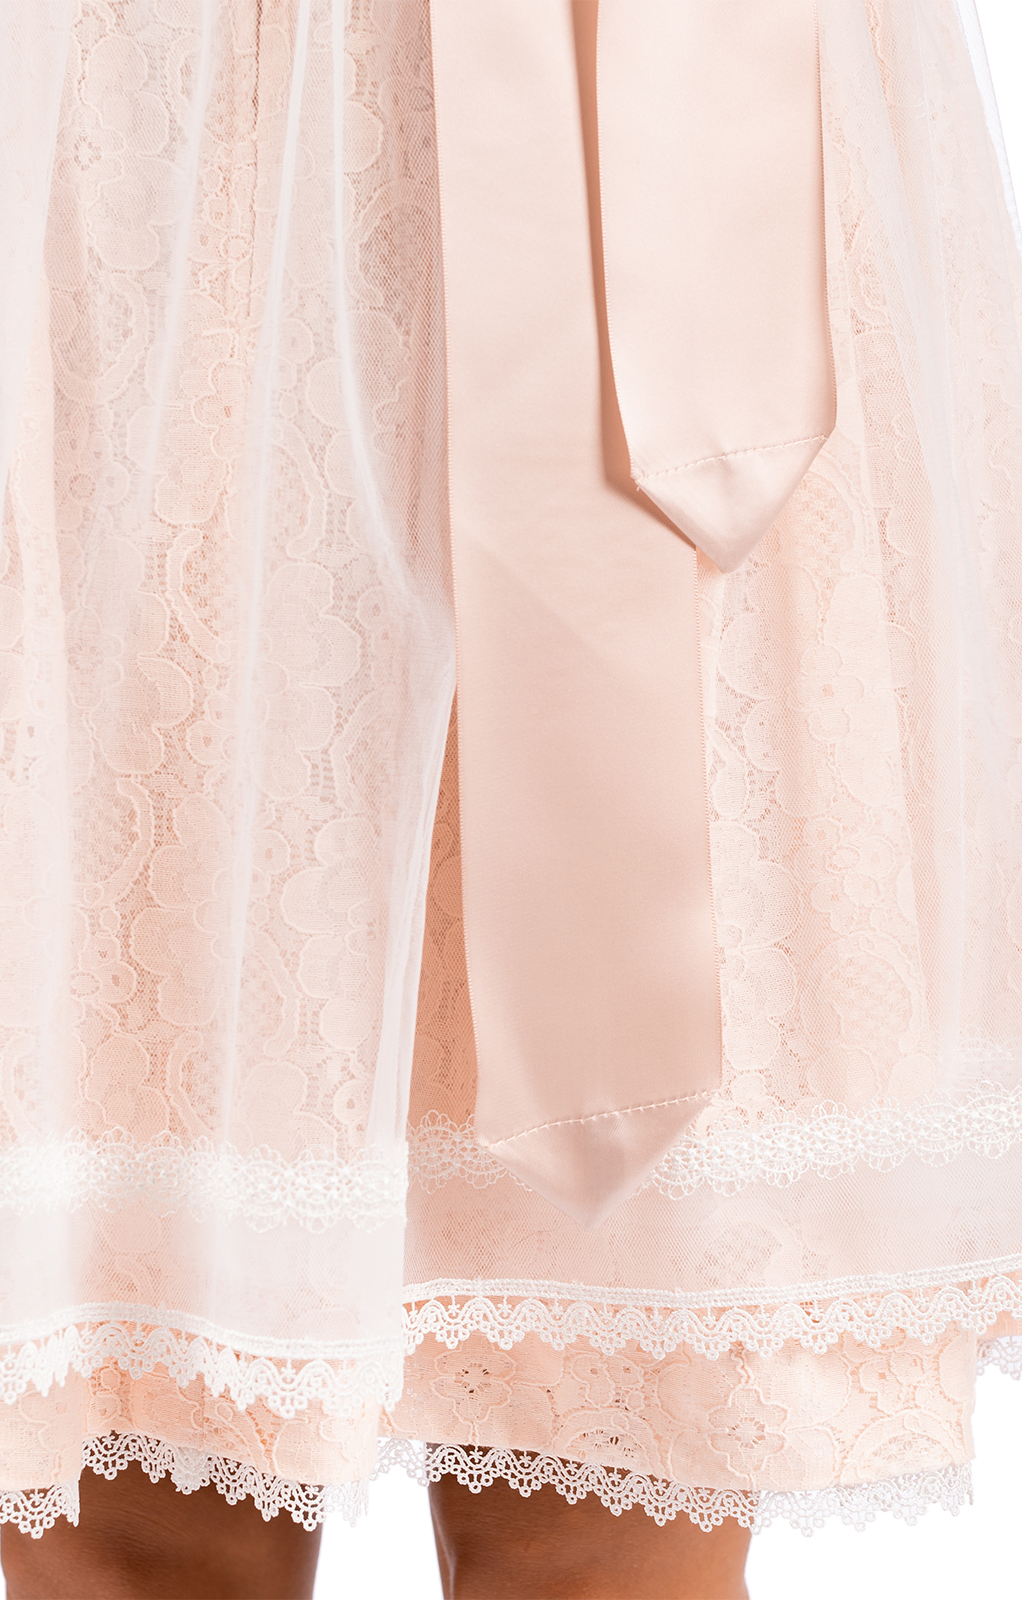 weitere Bilder von Mini Dirndl 2pz. 50 cm VRONI rosa